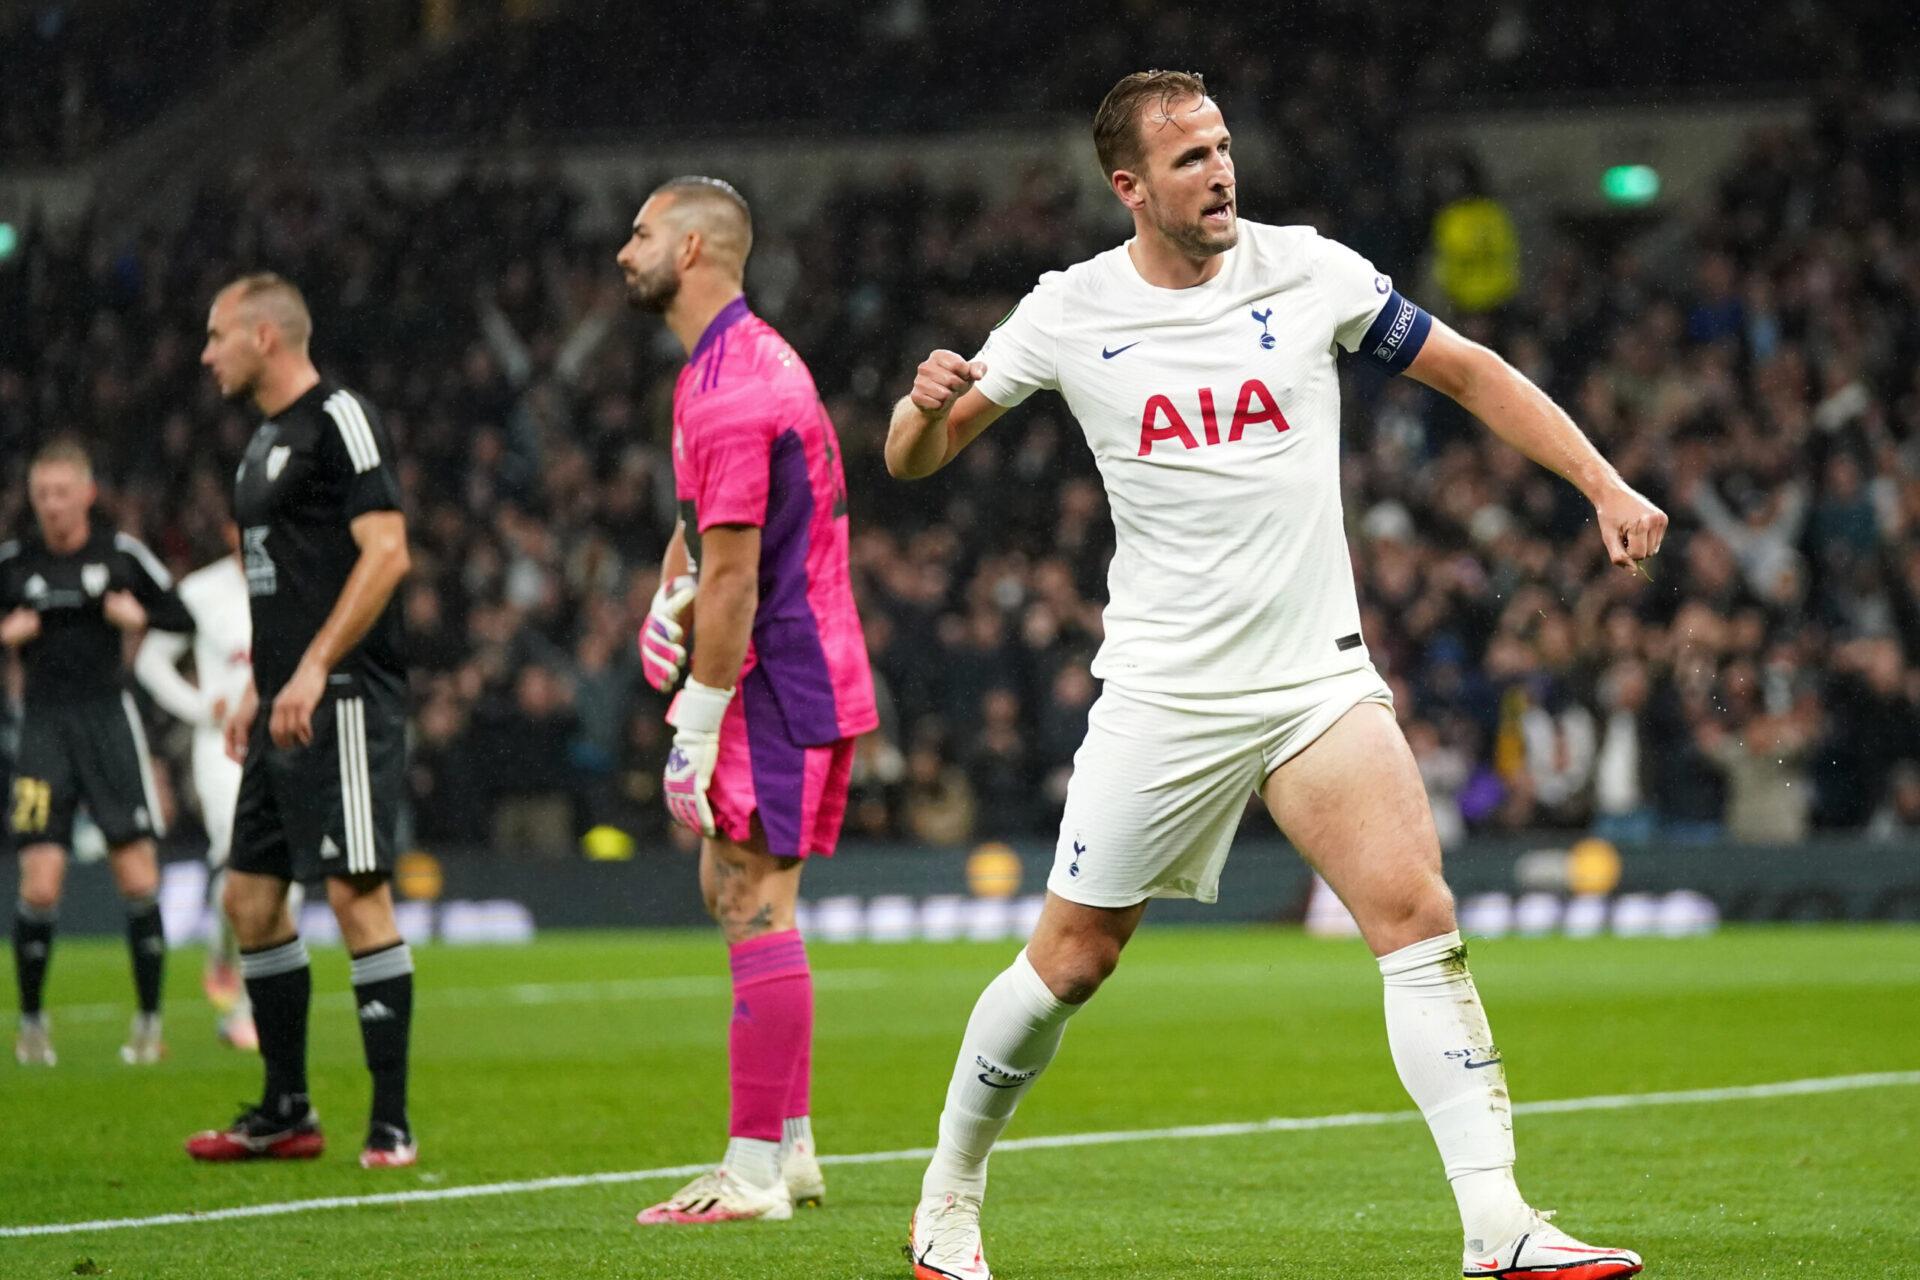 Harry Kane, muet en Premier League, s'est refait une santé en Ligue Europa Conférence contre Mura, inscrivant un triplé. Icon Sport